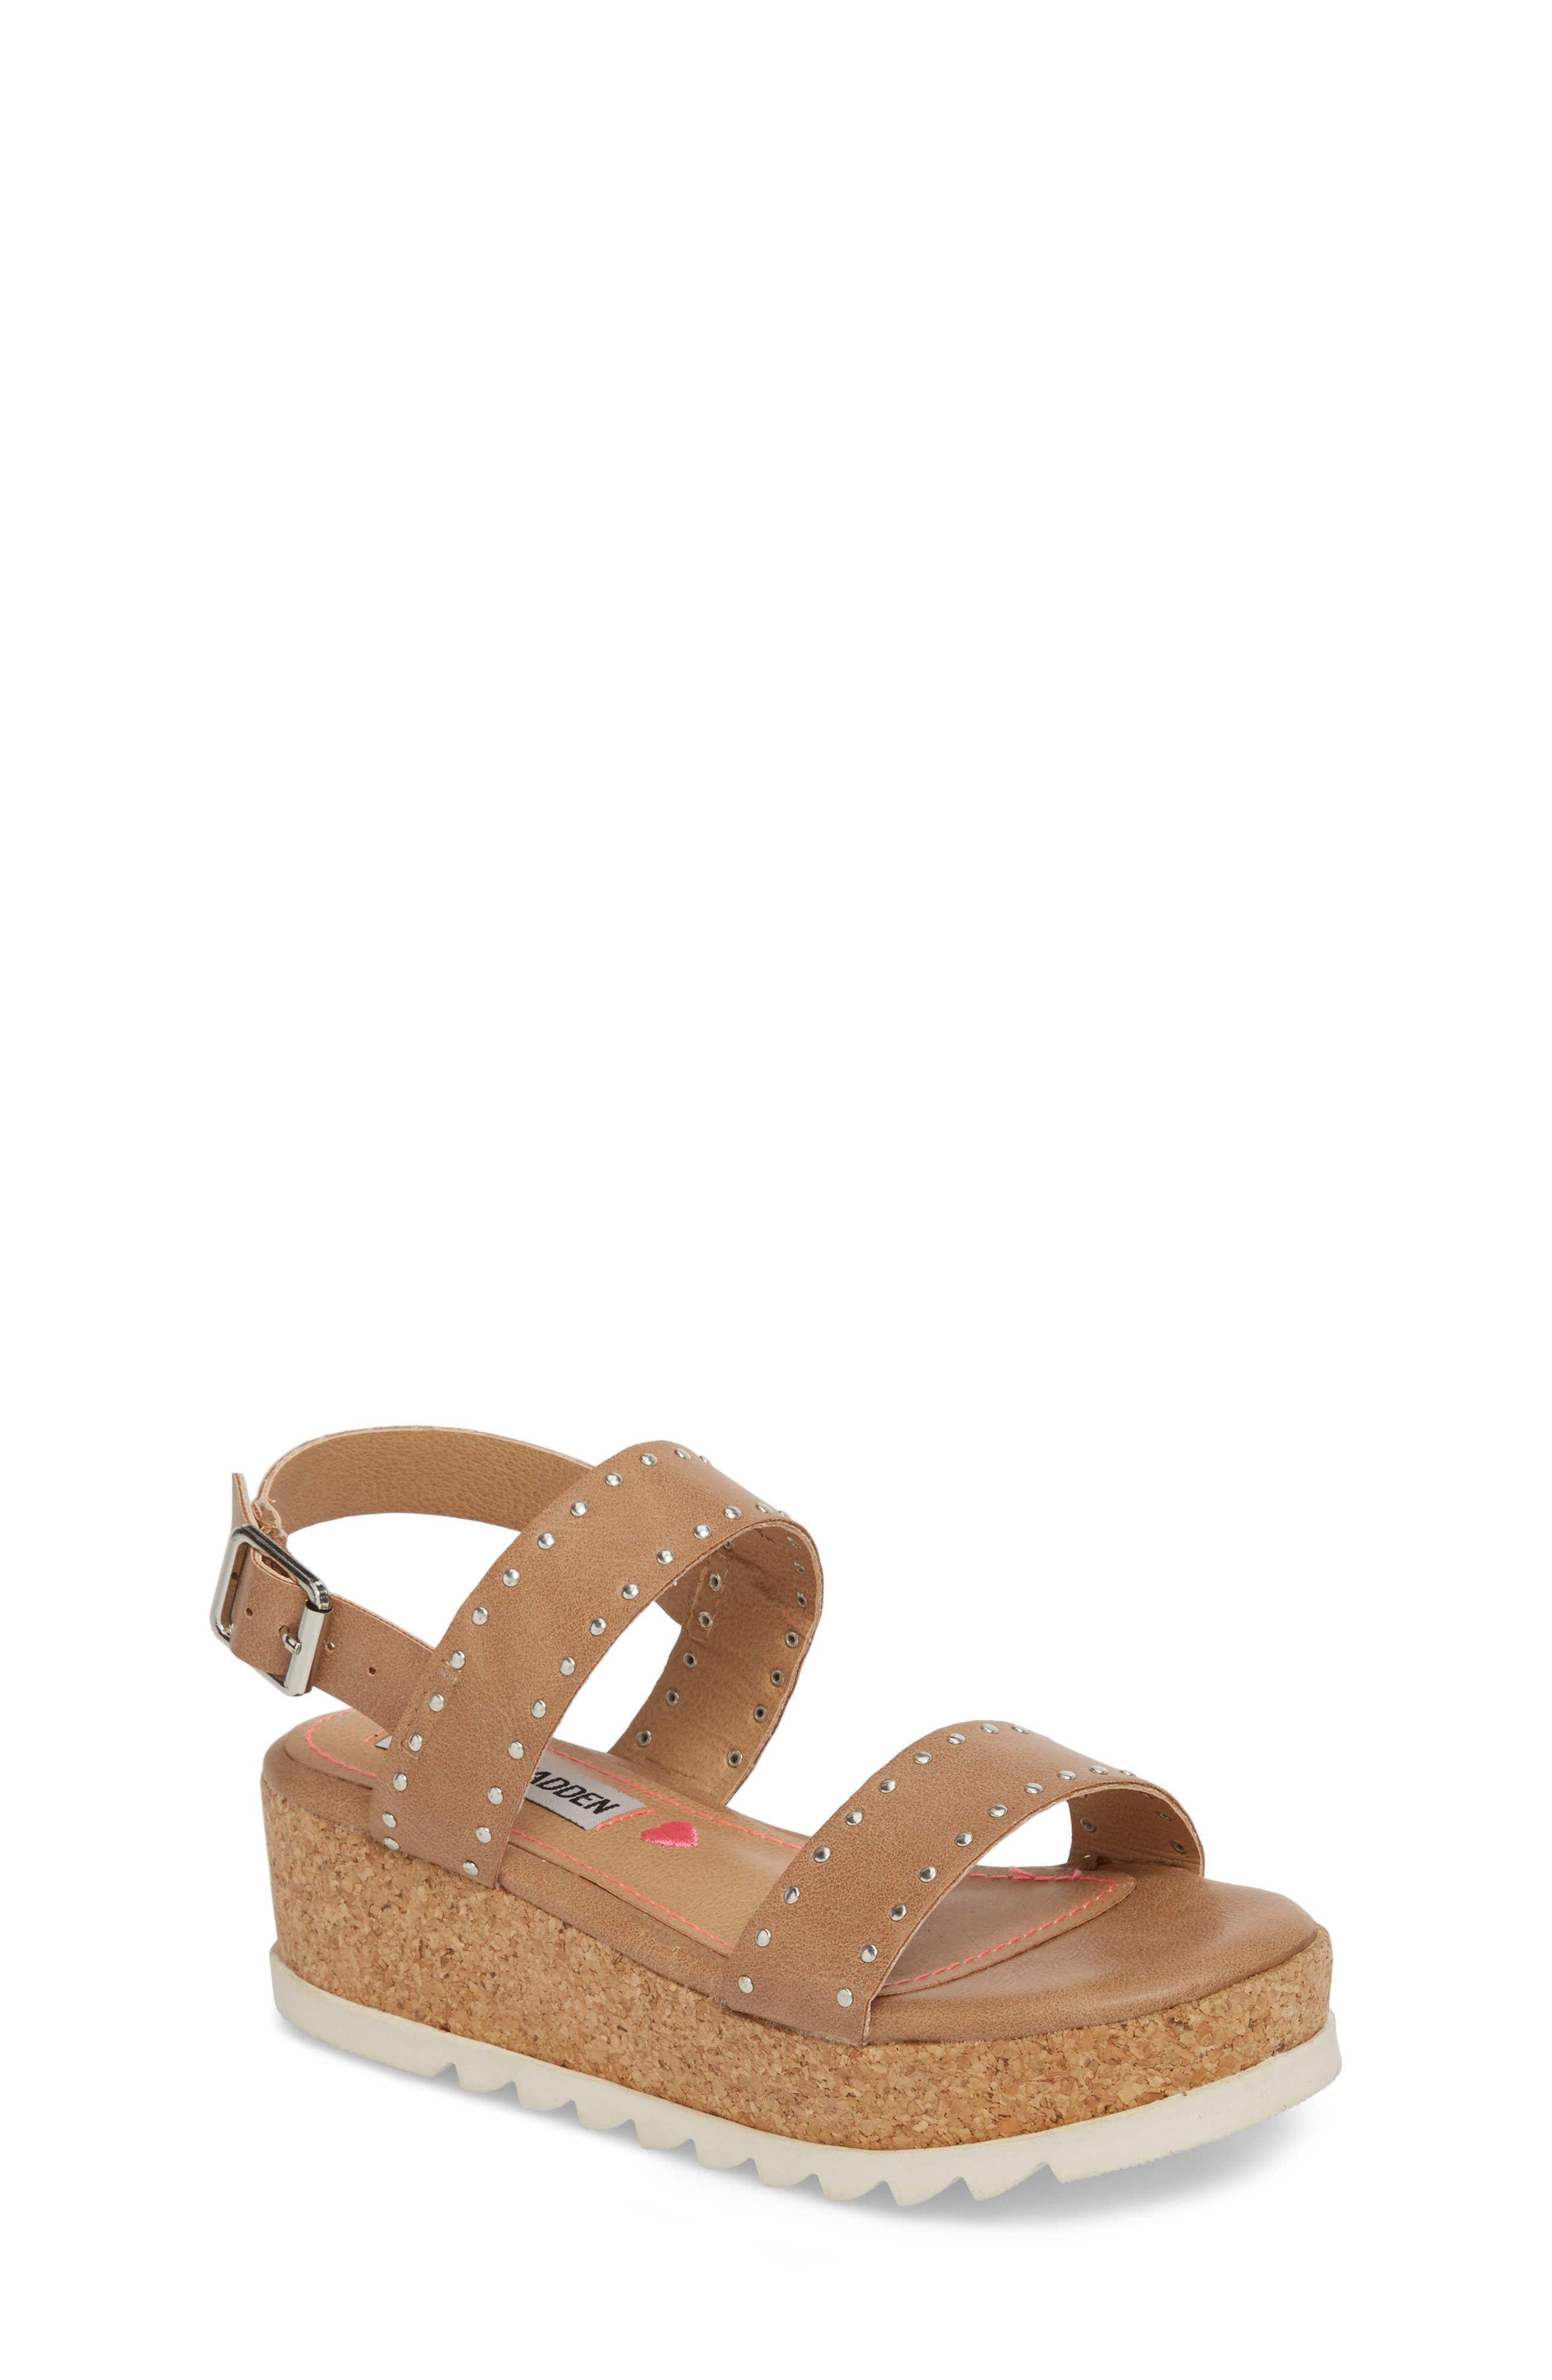 STEVE MADDEN JKRISTIE Platform Sandal, Main, color, 200